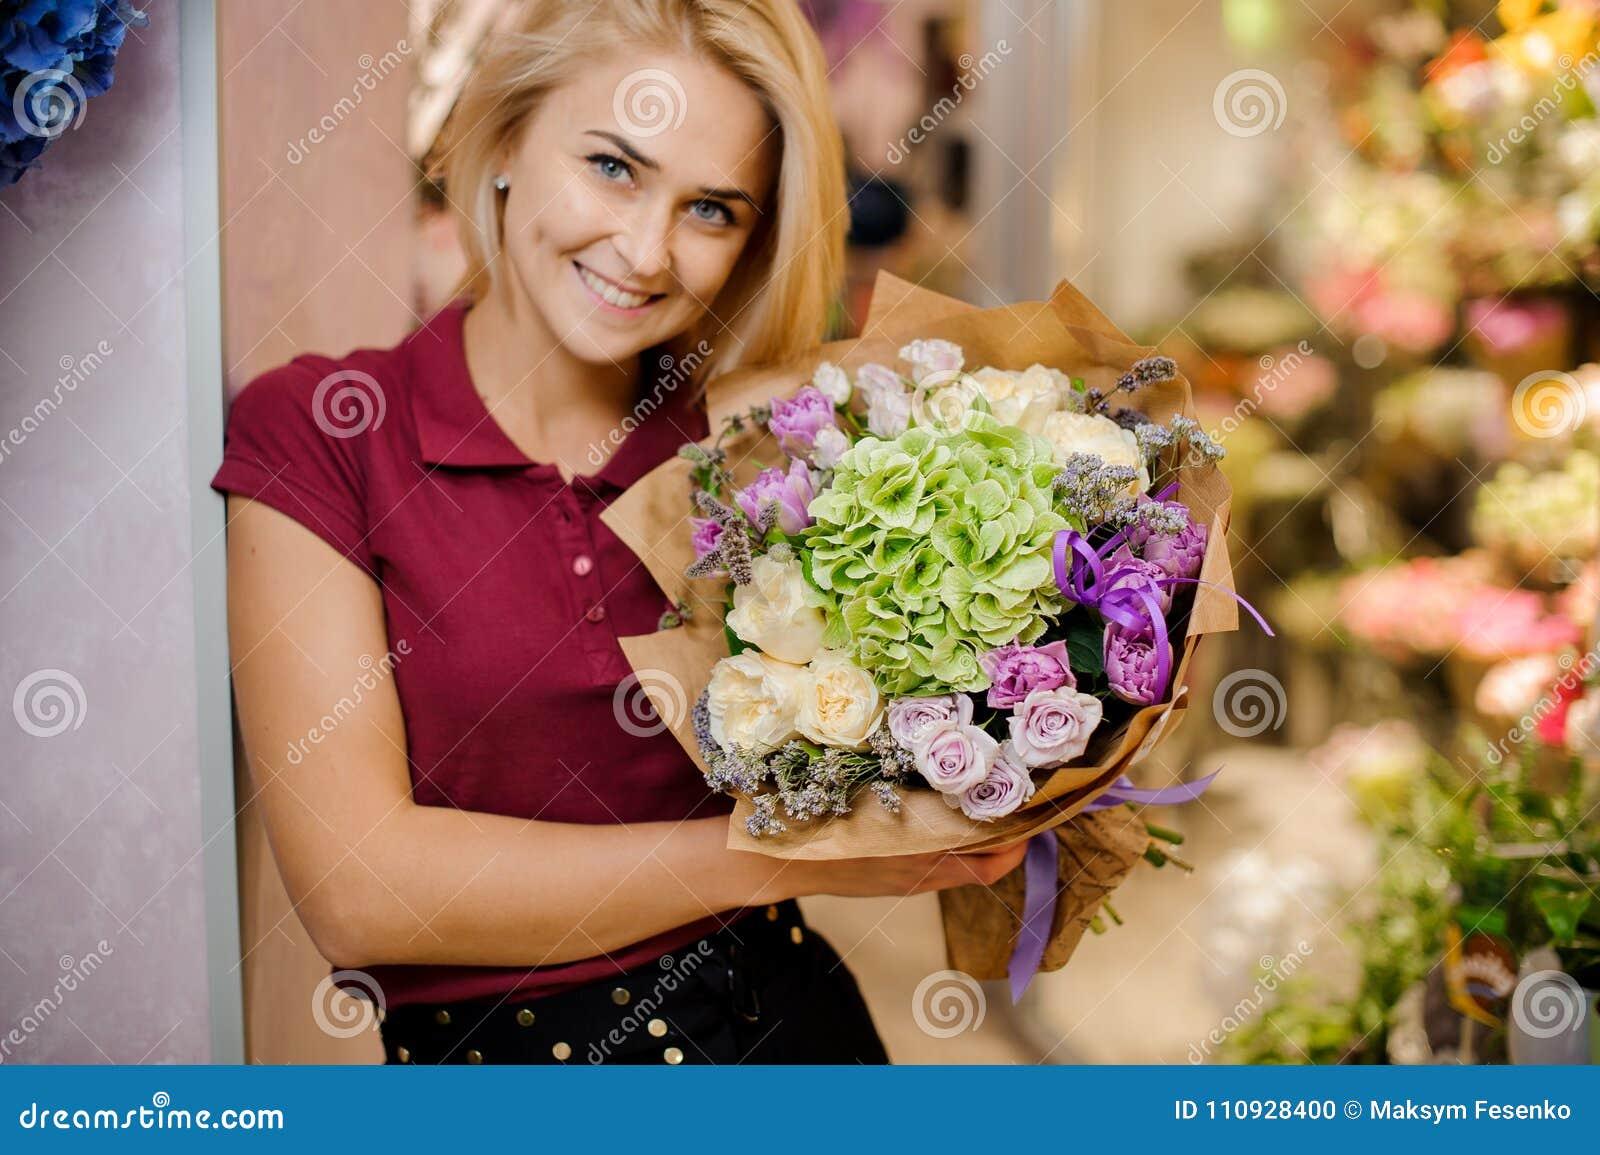 Den blonda flickan ler och rymmer i händer en stilfull bukett av rosor, vanliga hortensian och pioner